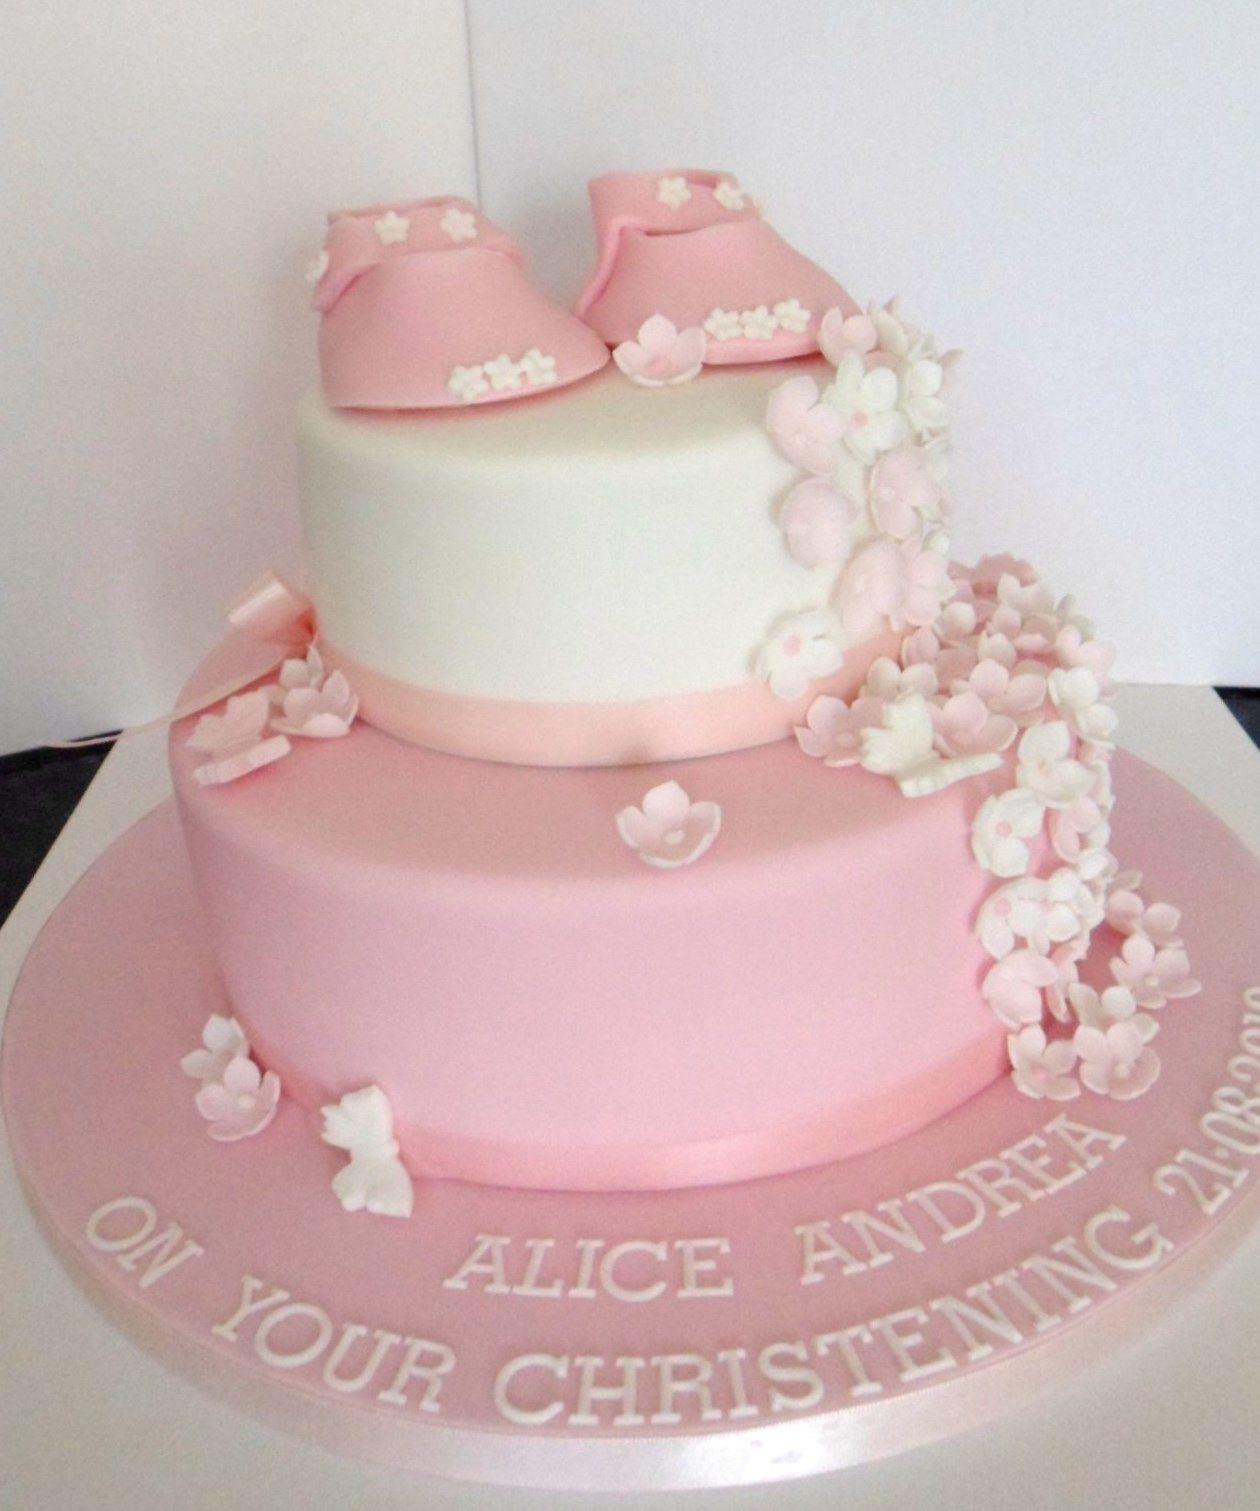 Lovely 2 tier christening cake for a girl | Christening cakes boys ...